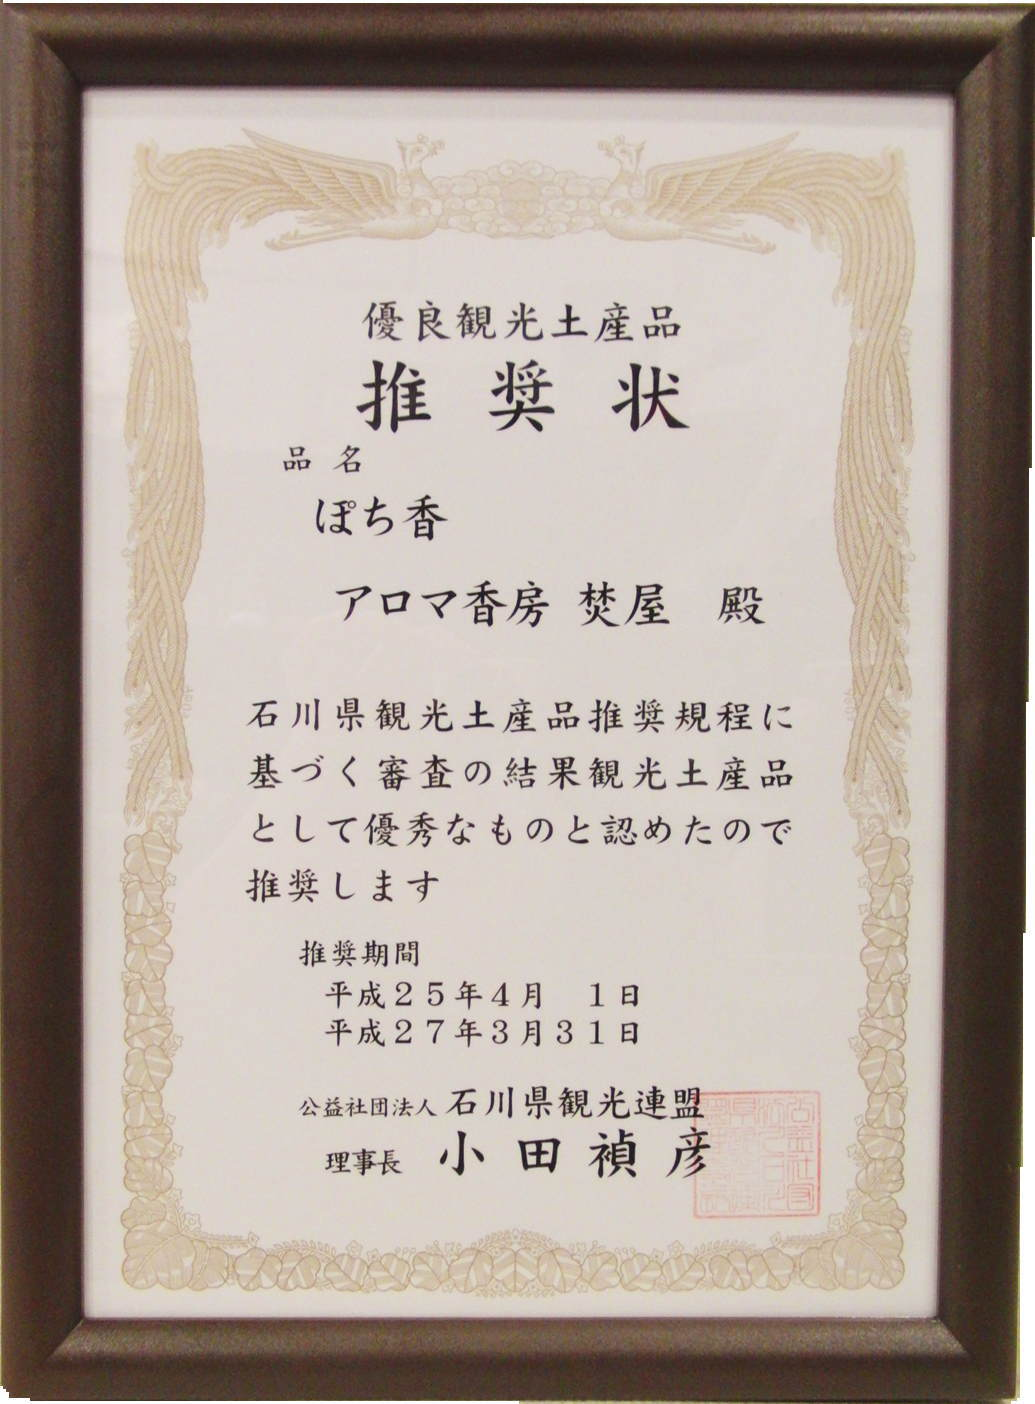 石川県優良観光土産品